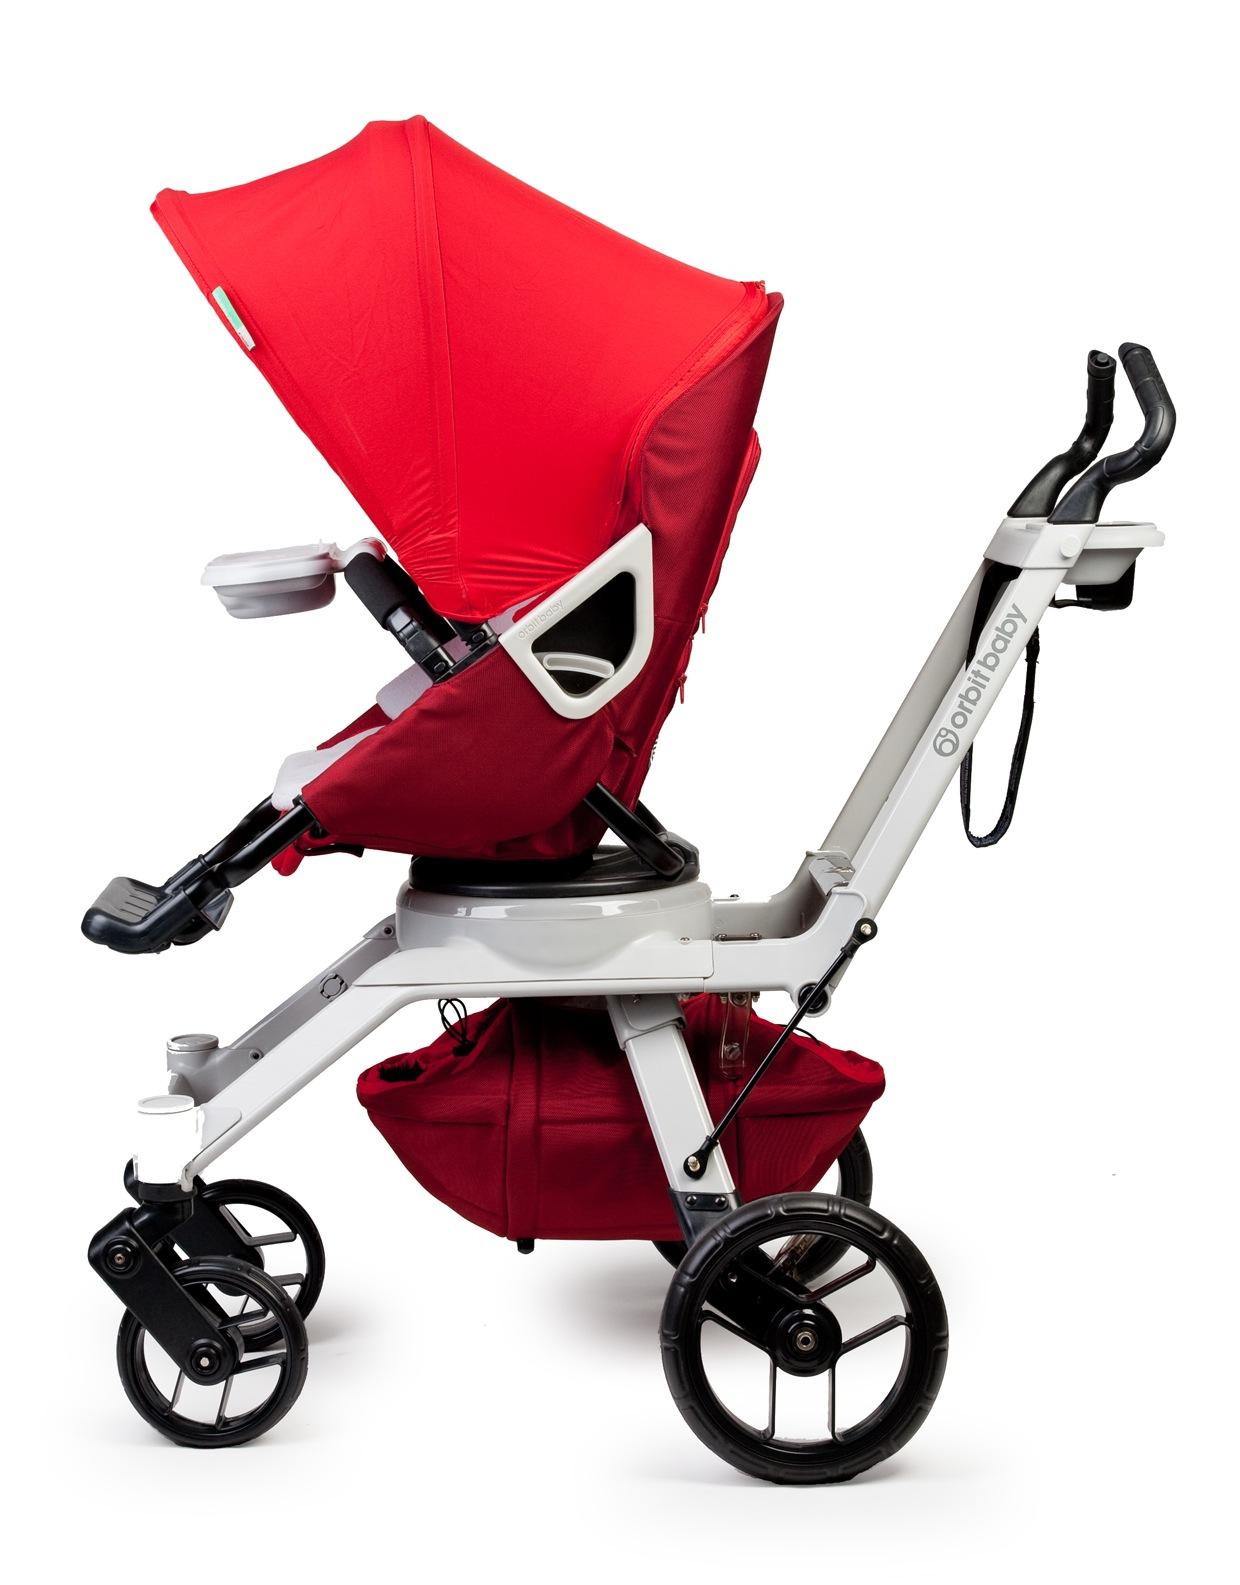 Yaz very own Strollers Safe Haven: Orbit Baby G2: 2010